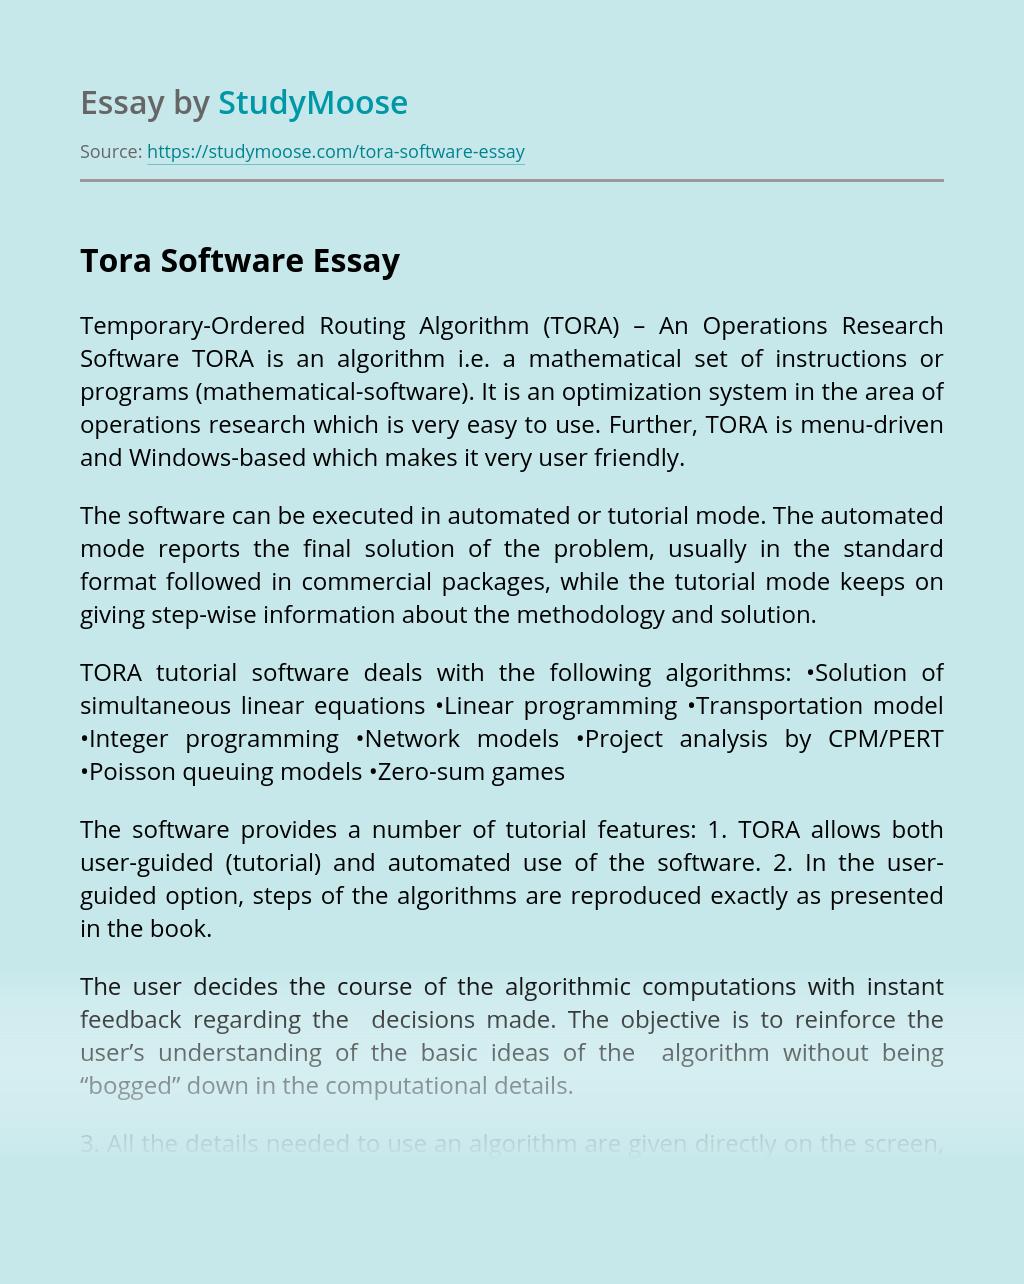 Tora Software